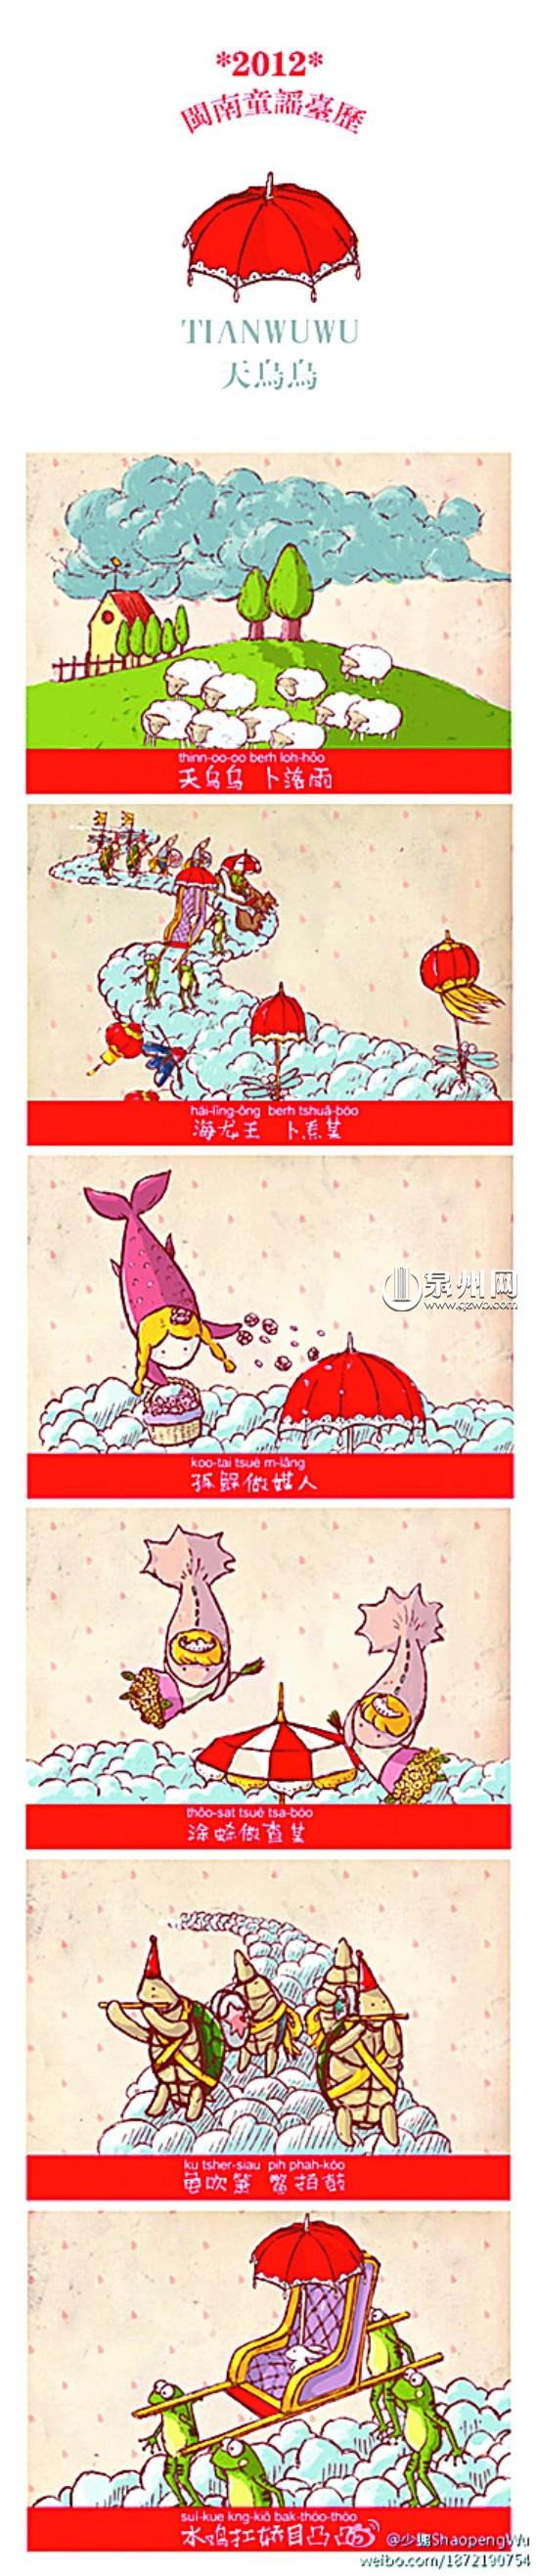 手绘闽南小吃插画